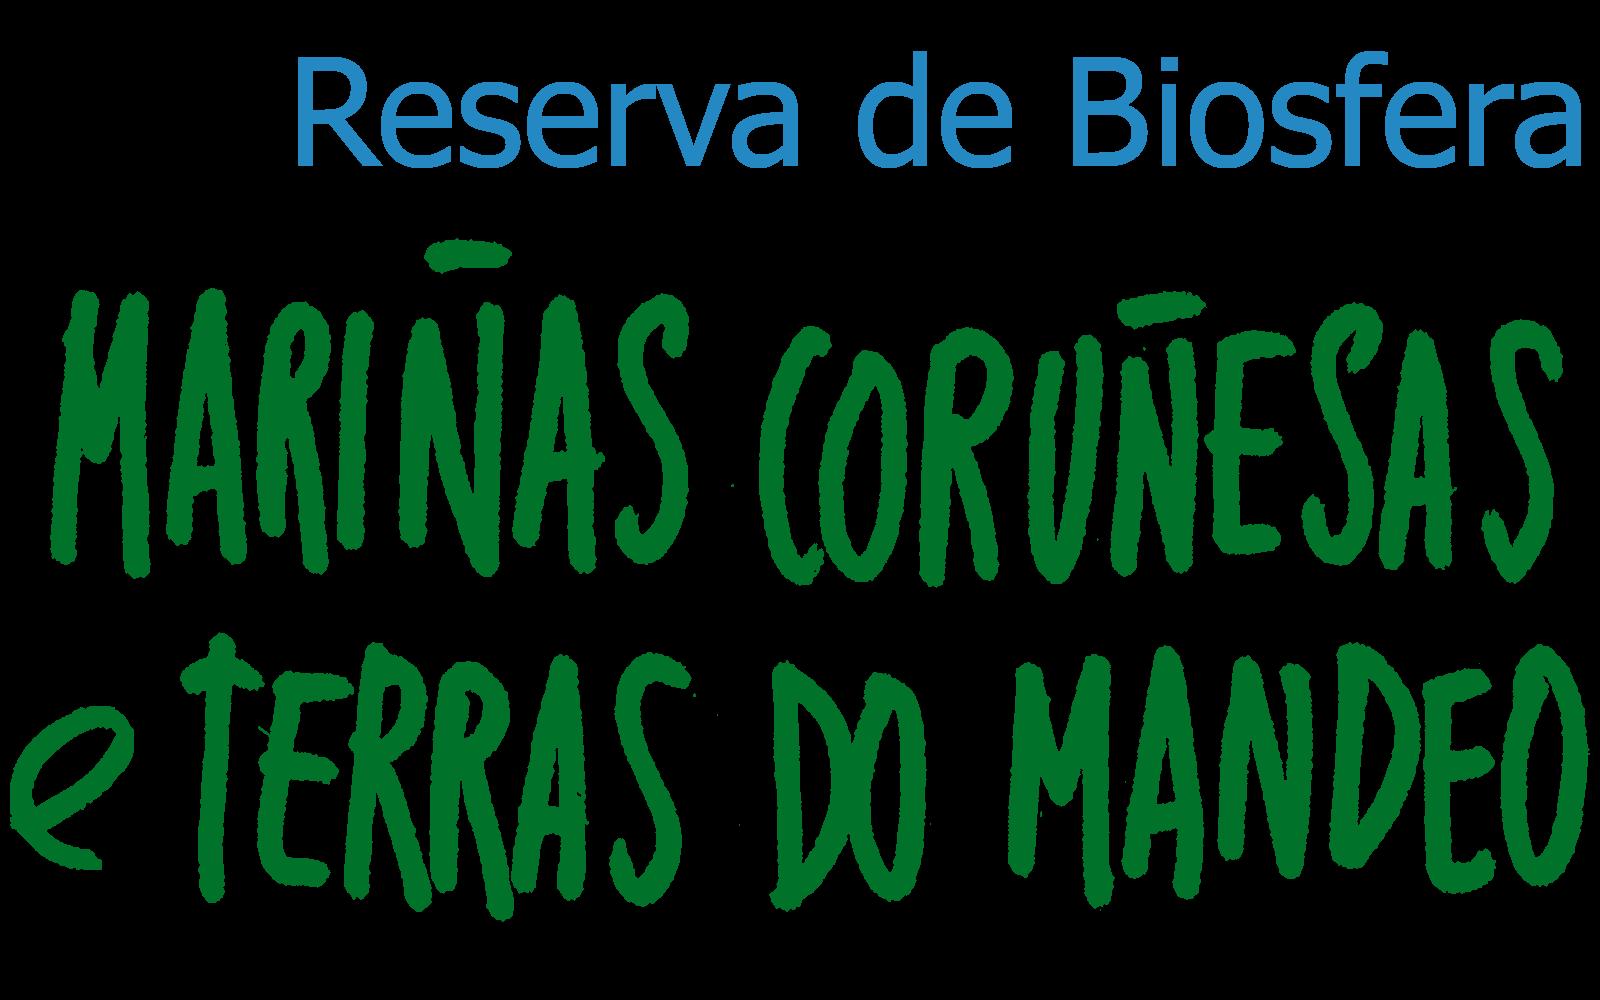 Reserva da Biosfera Mariñas Coruñesas e Terras do Mandeo